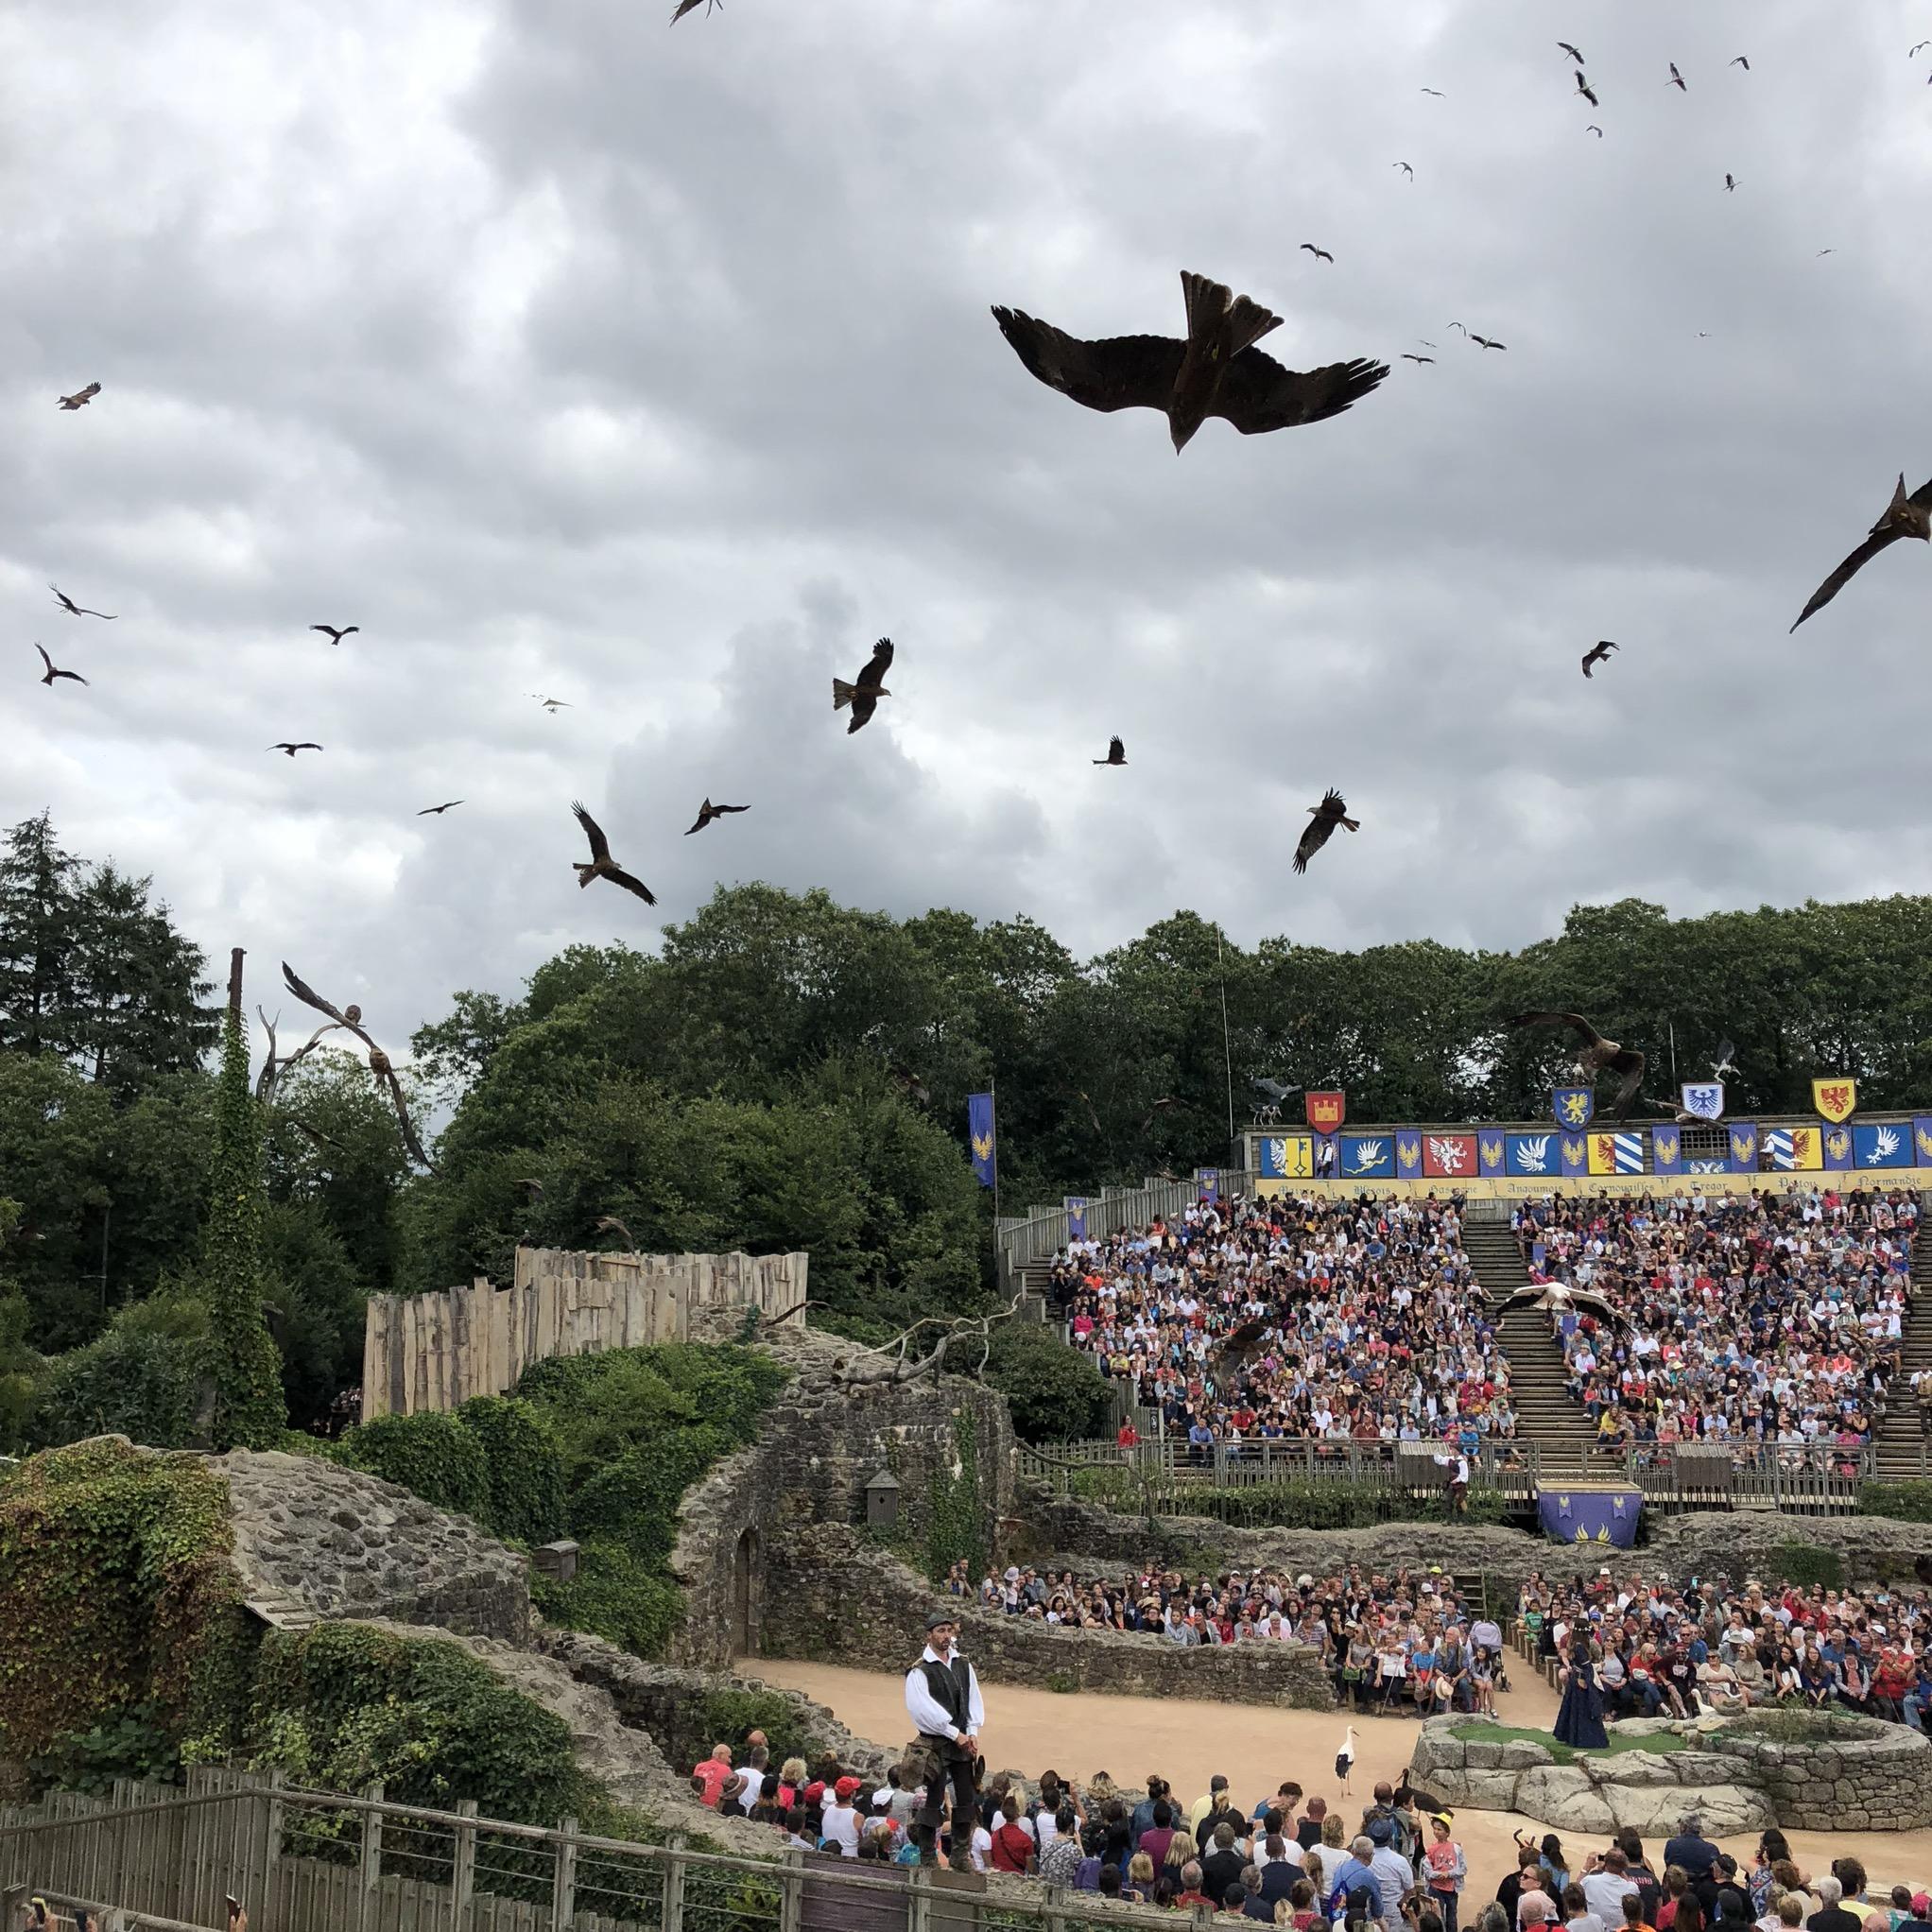 Le Bal des Oiseaux Fantômes at Puy du Fou